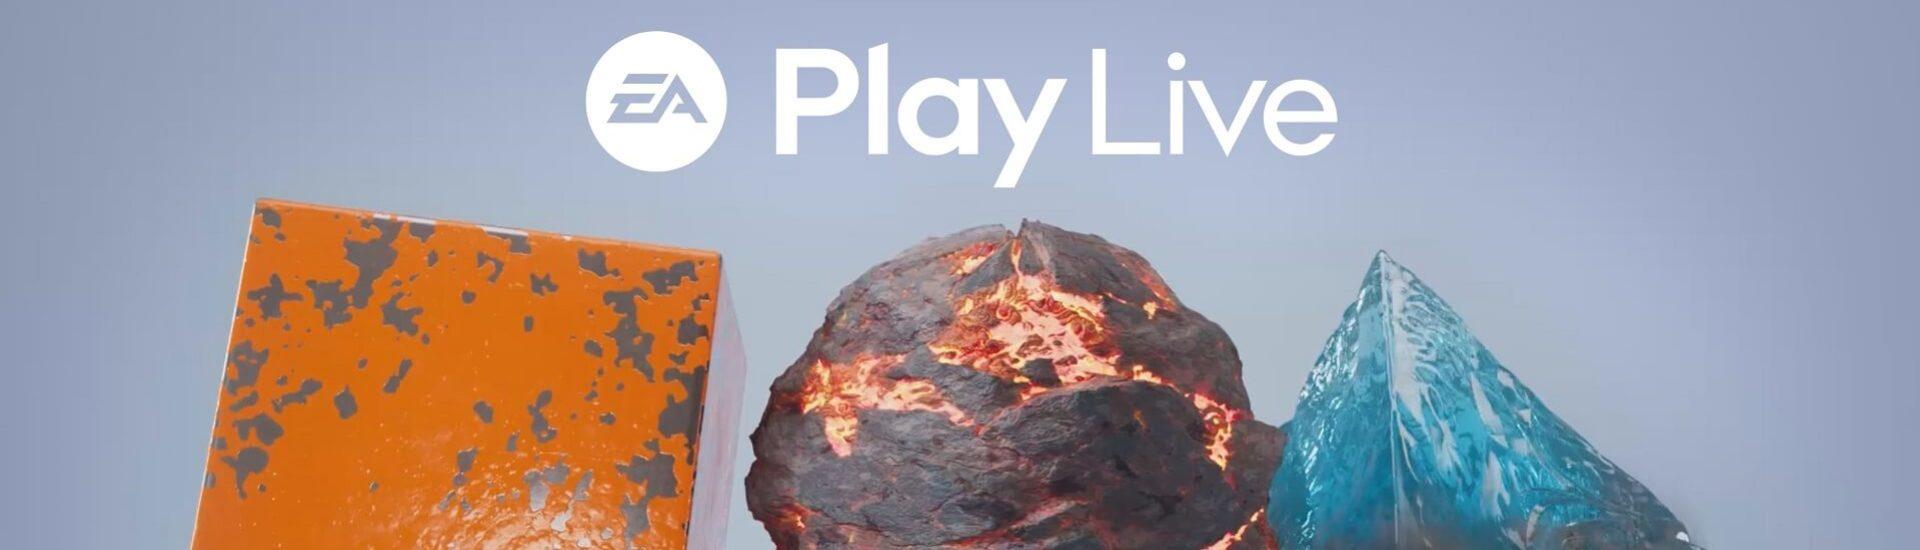 EA Play: Alle Termine und Infos zu den fünf Livestreams im Juli